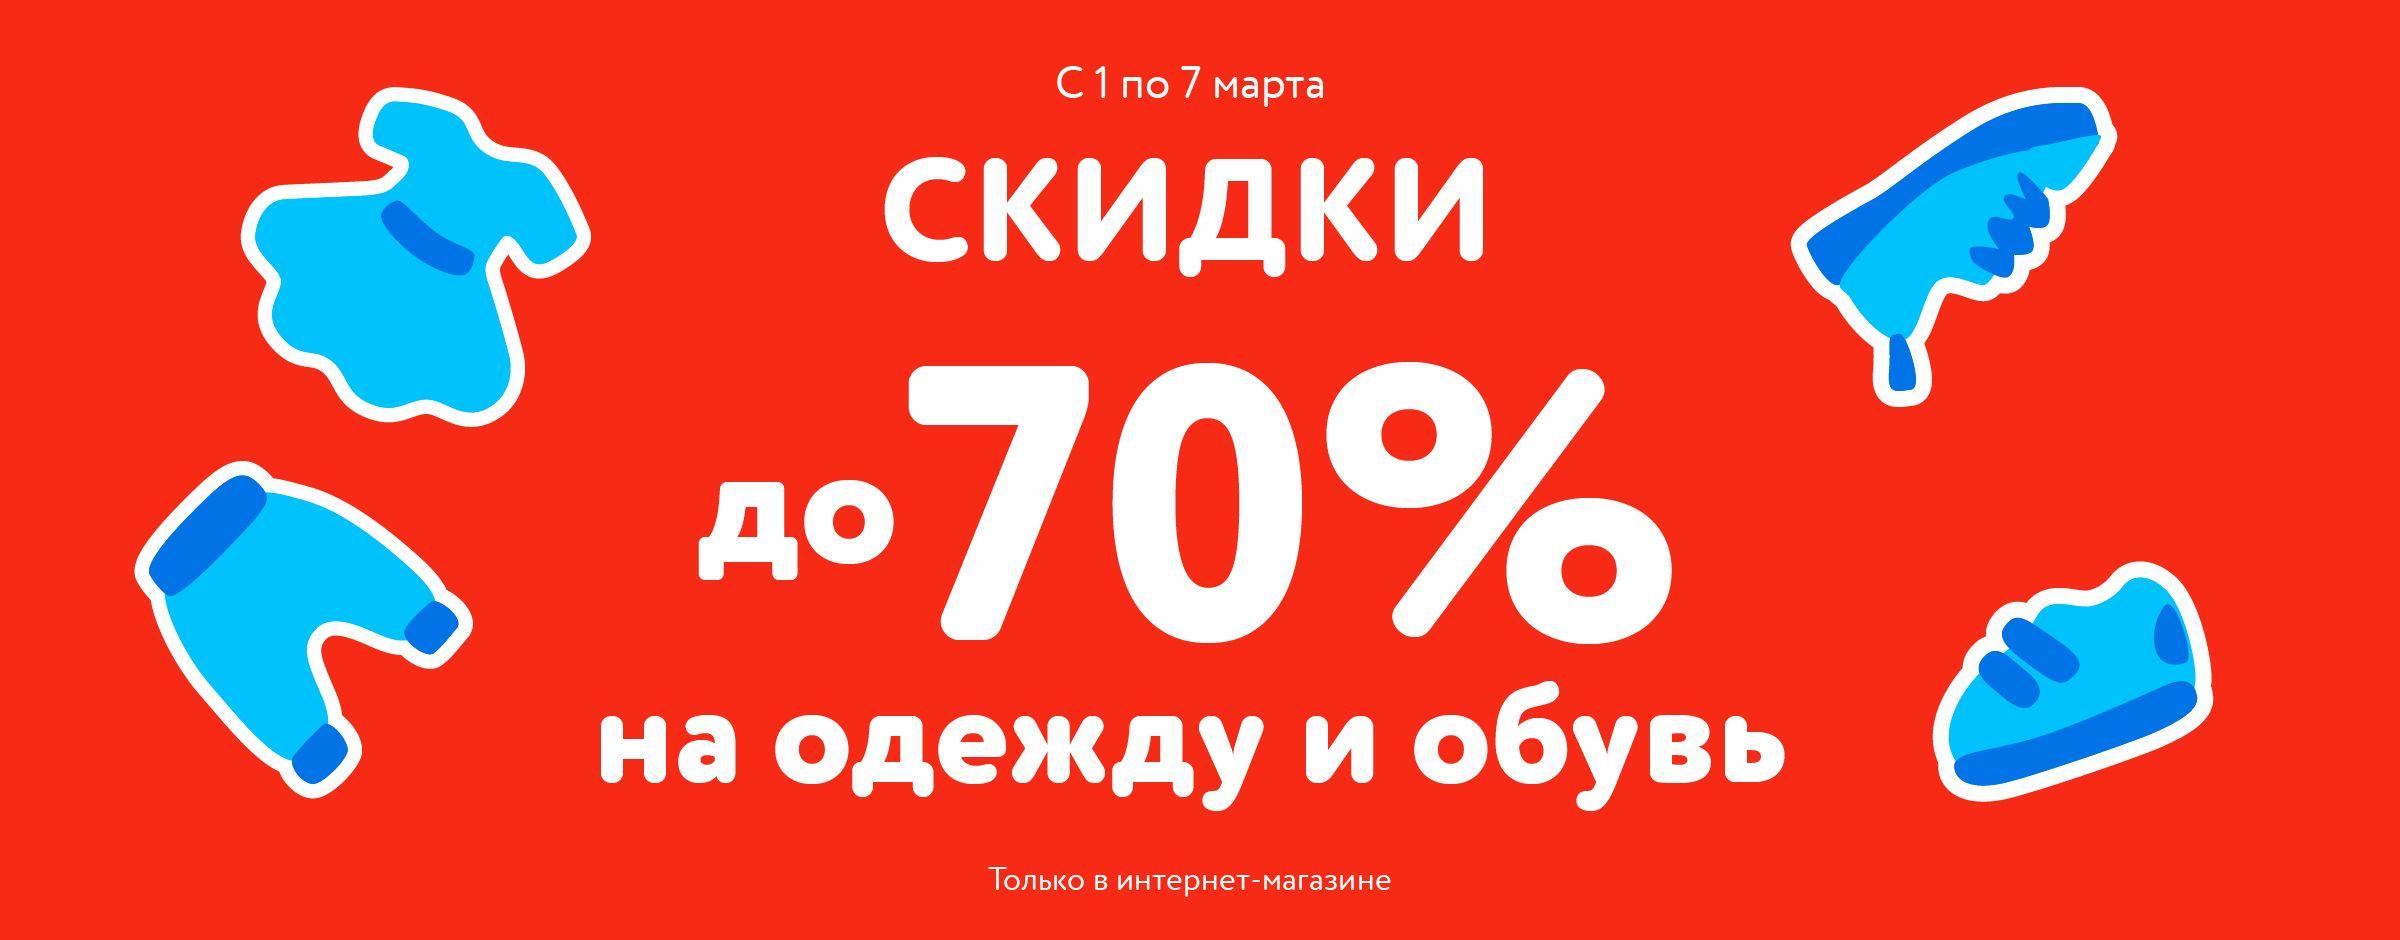 Скидки до 70% на одежду и обувь